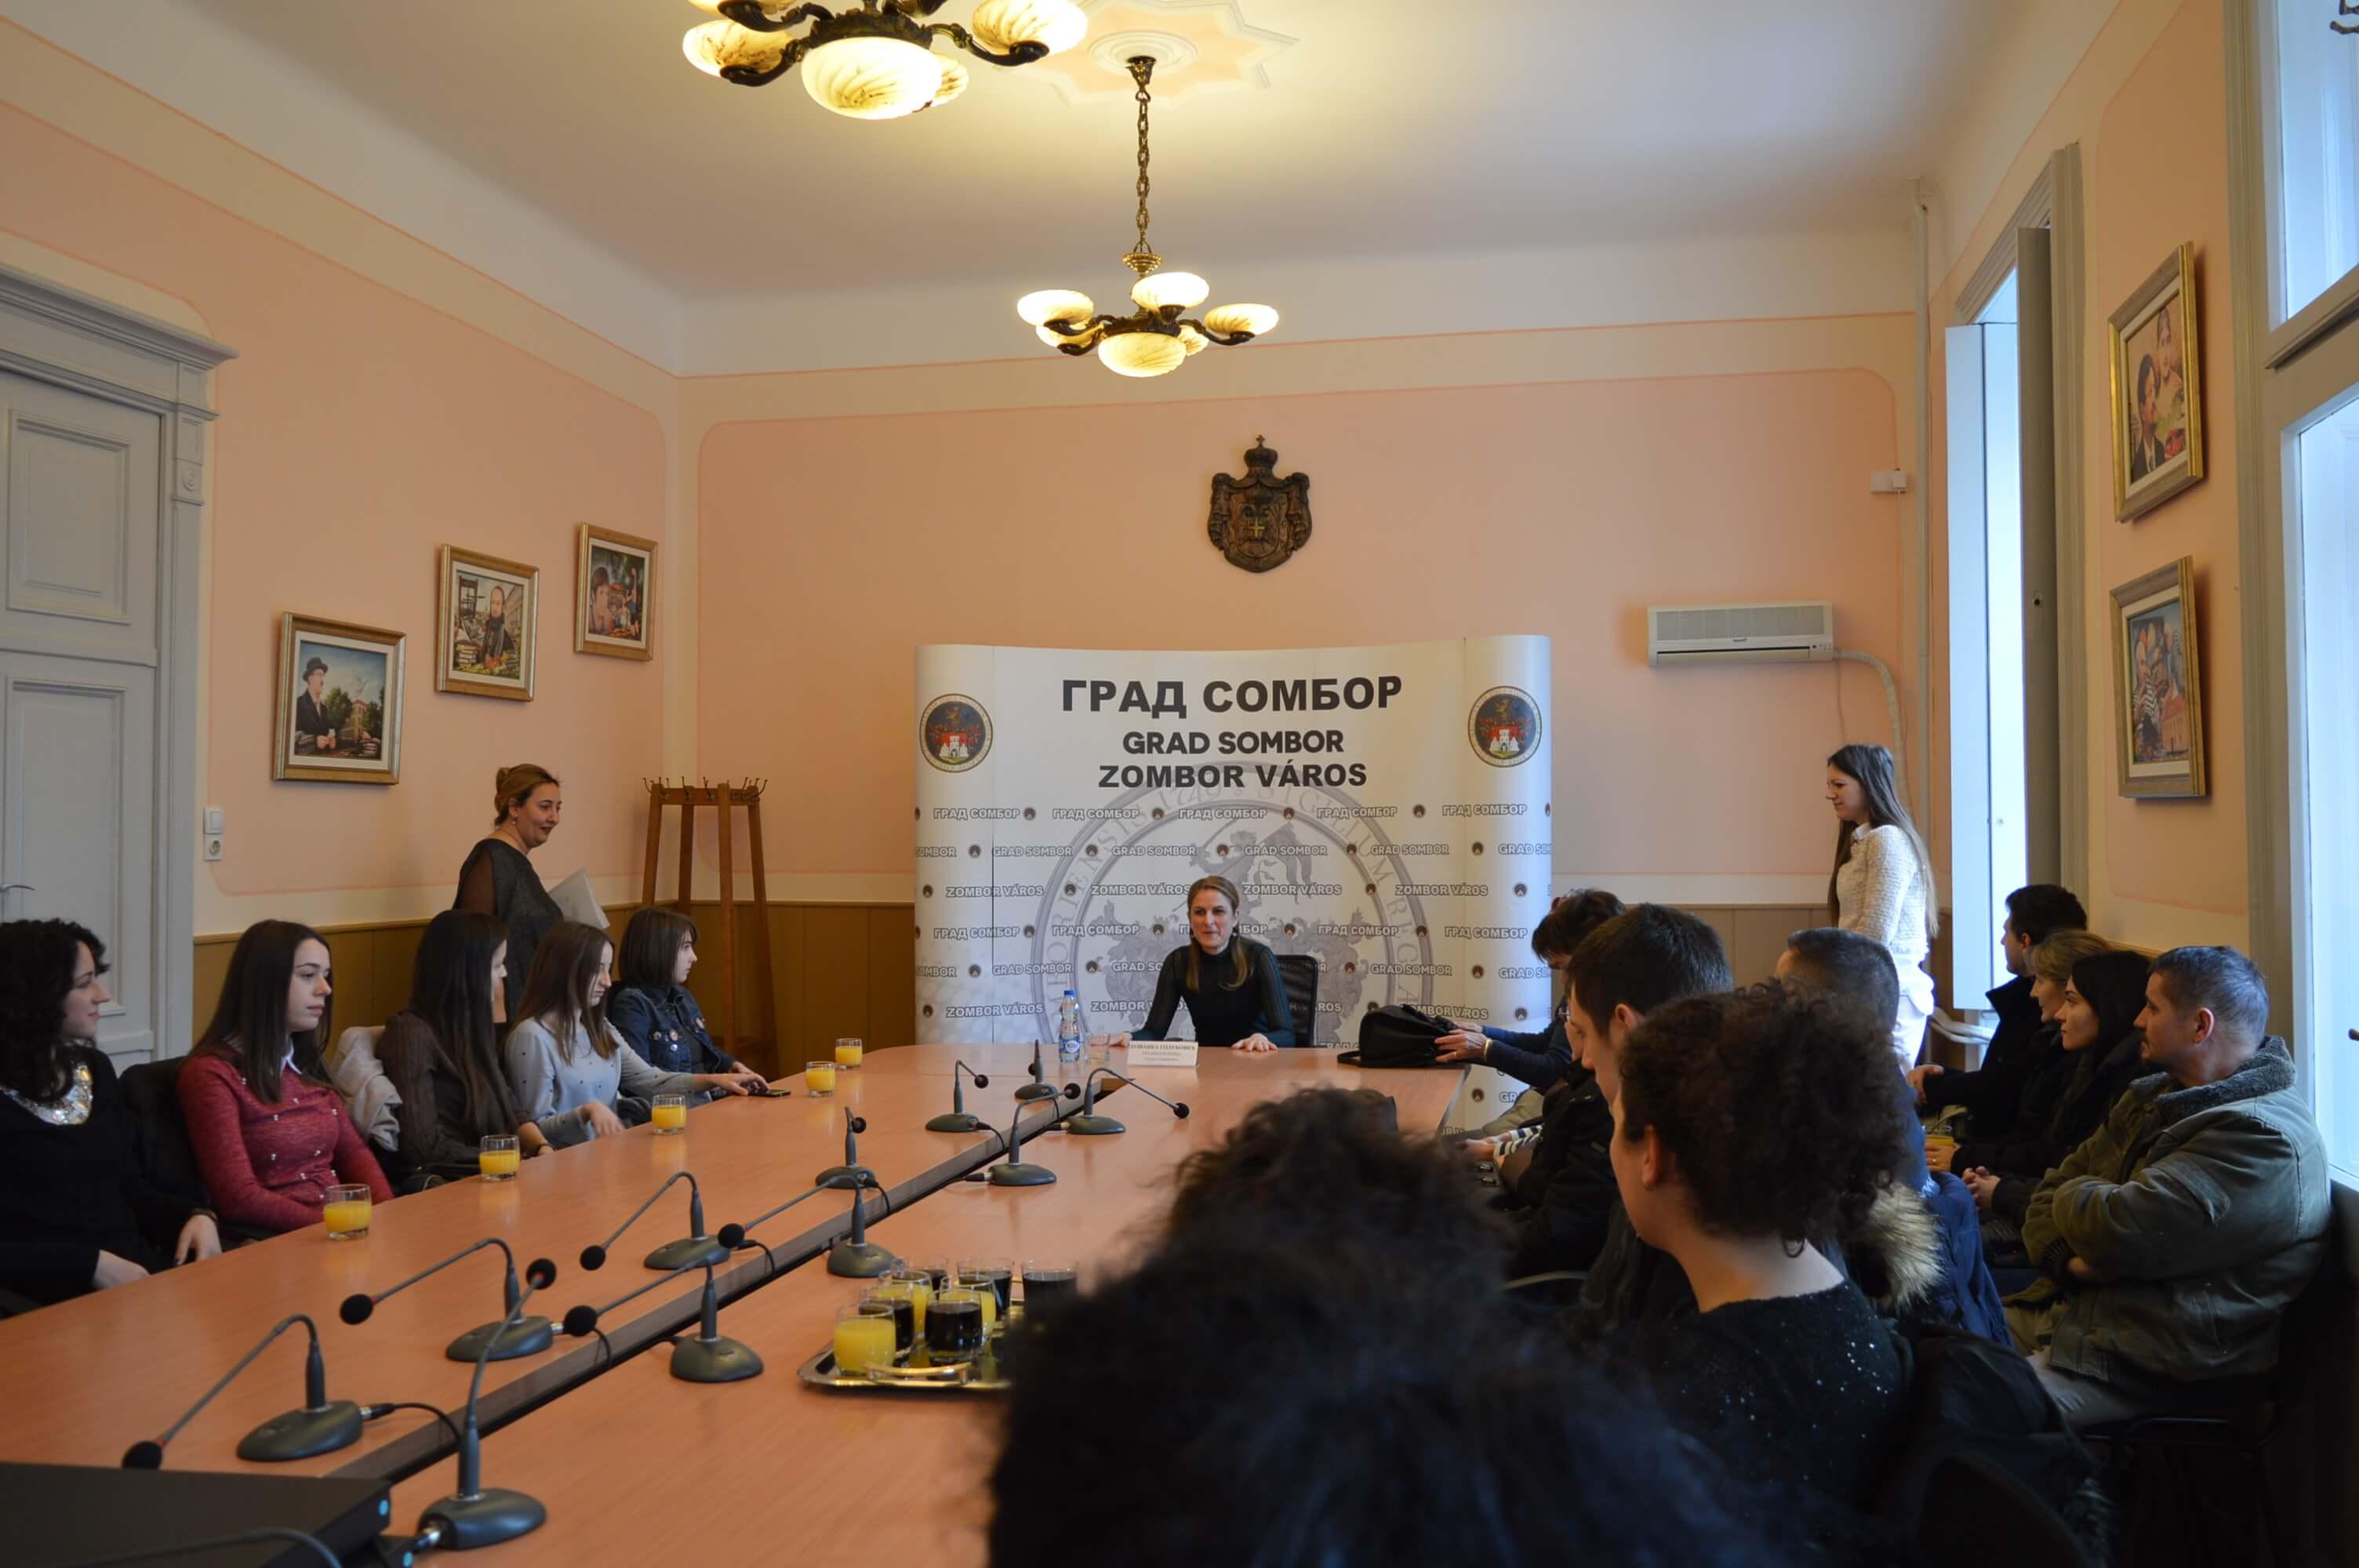 Испред града Сомбора градоначелница Душанка Голубовић уручује чек у износу од 100.000 динара за прворођену бебу